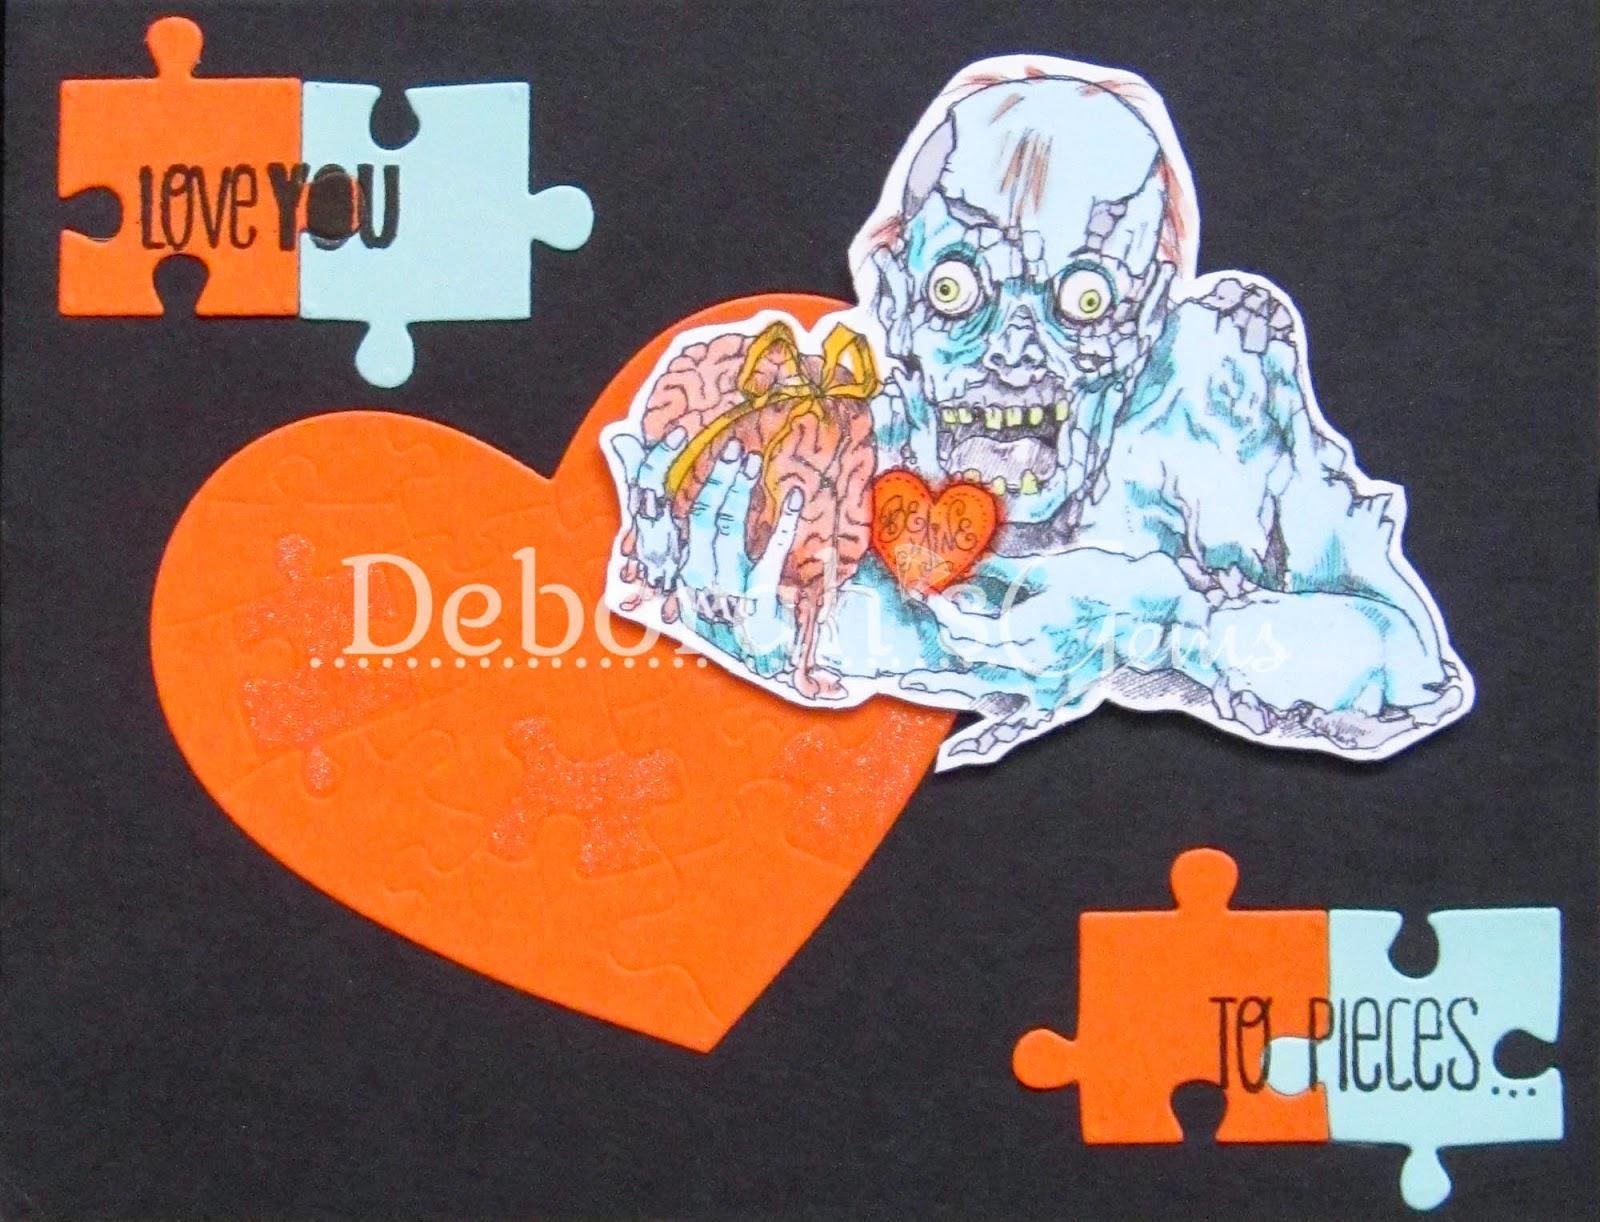 Love You to Pieces - photo by Deborah Frings - Deborah's Gems